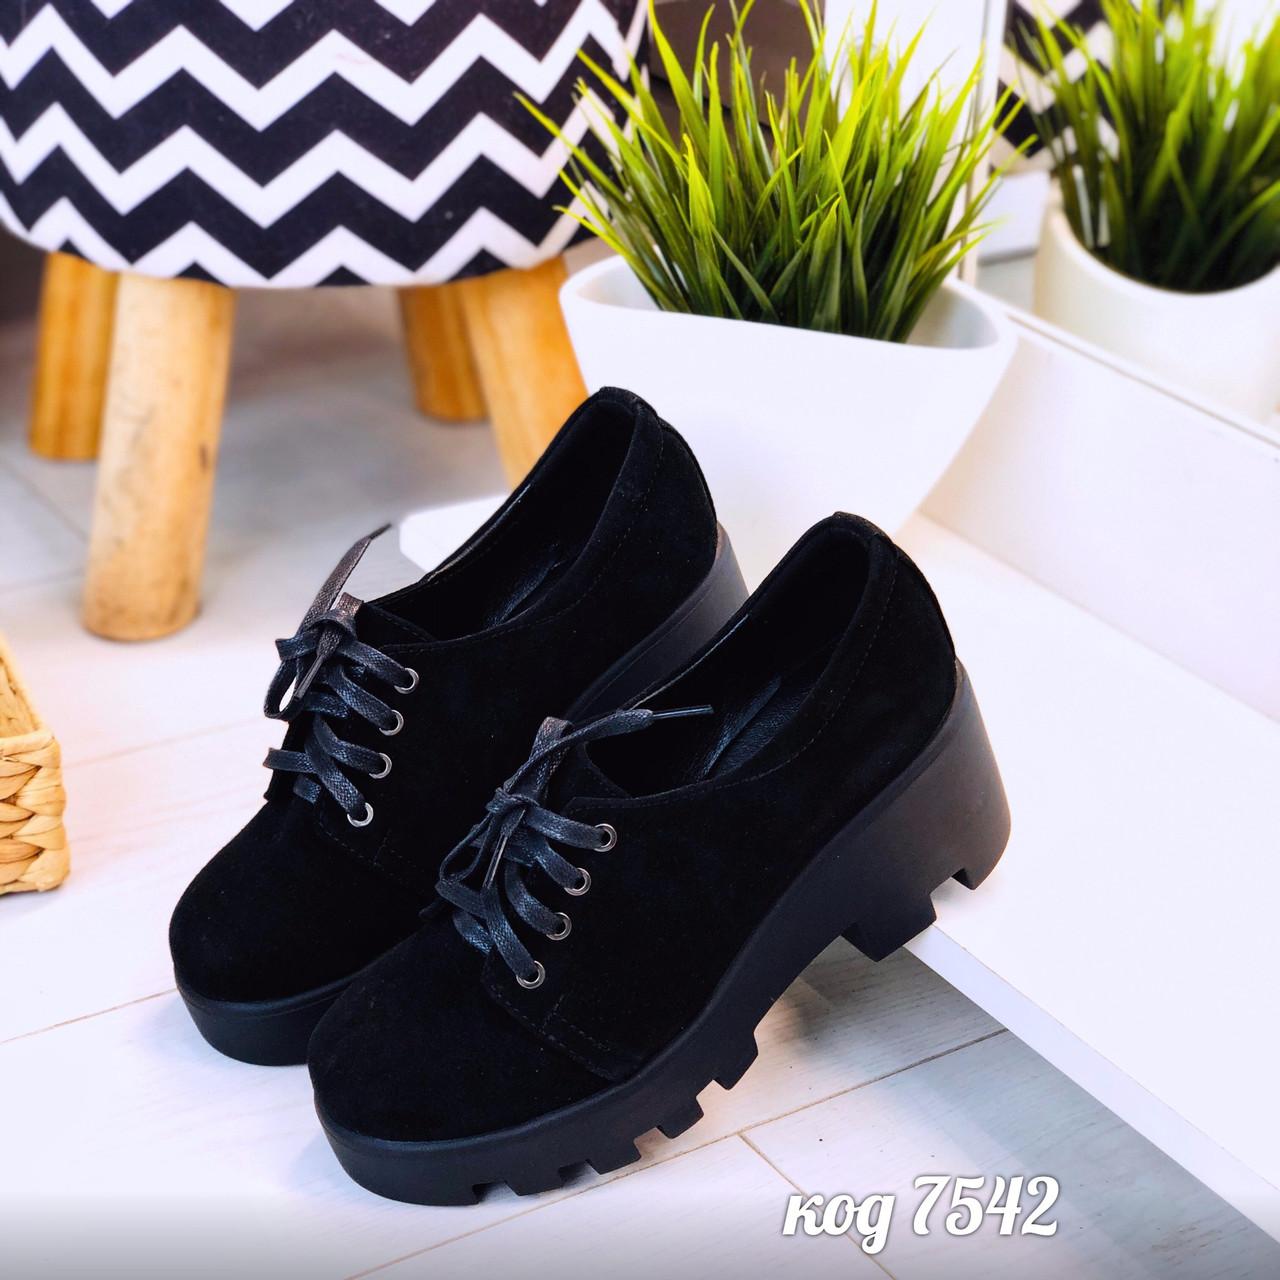 Броги туфли на тракторной подошве и каблуке из натуральной замши черного цвета на шнурках